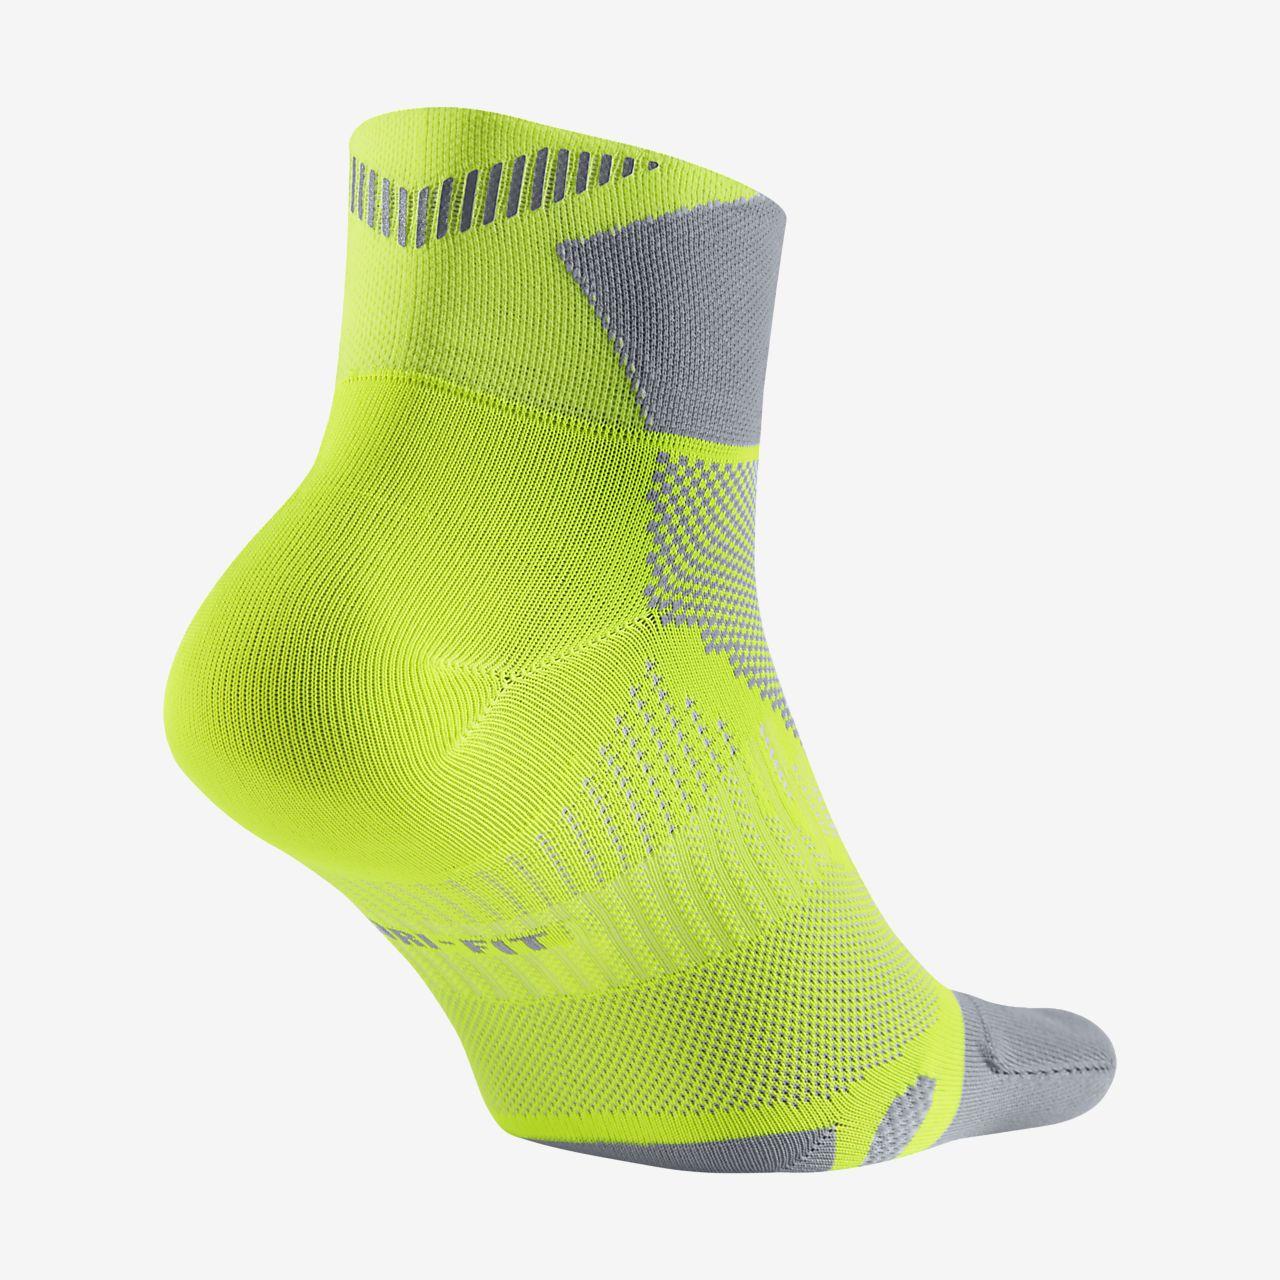 Chaussettes de running Nike Elite Lightweight Quarter